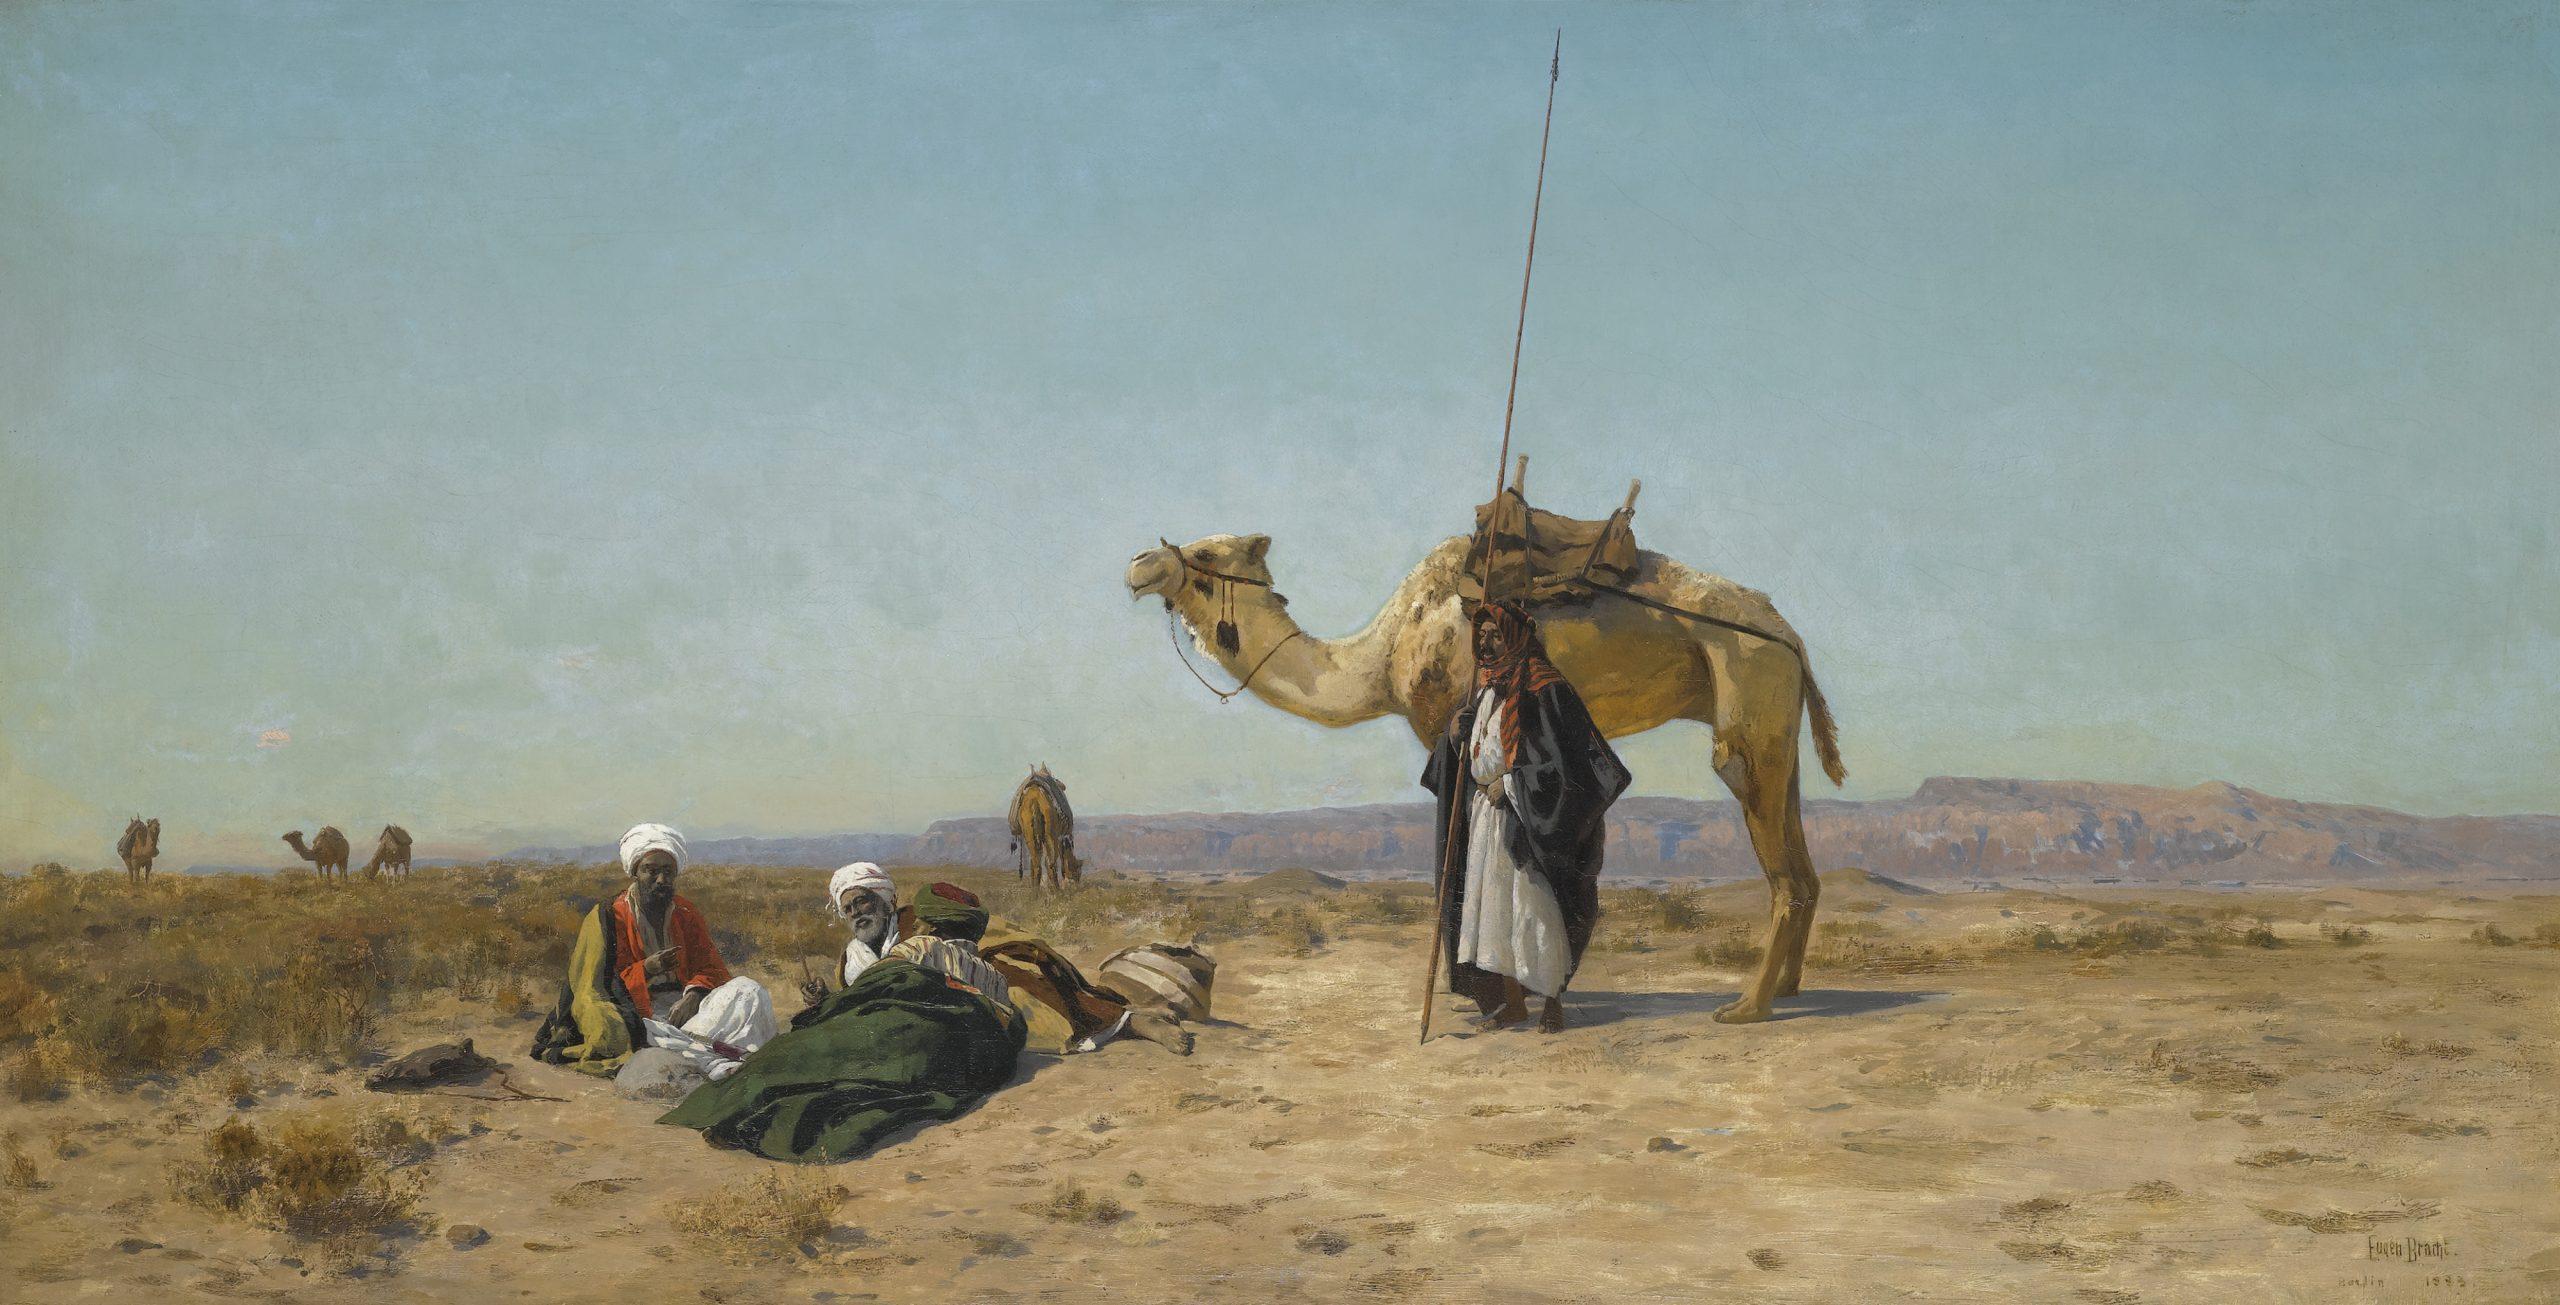 Rest in the Syrian Desert - Eugen Bracht, 1883